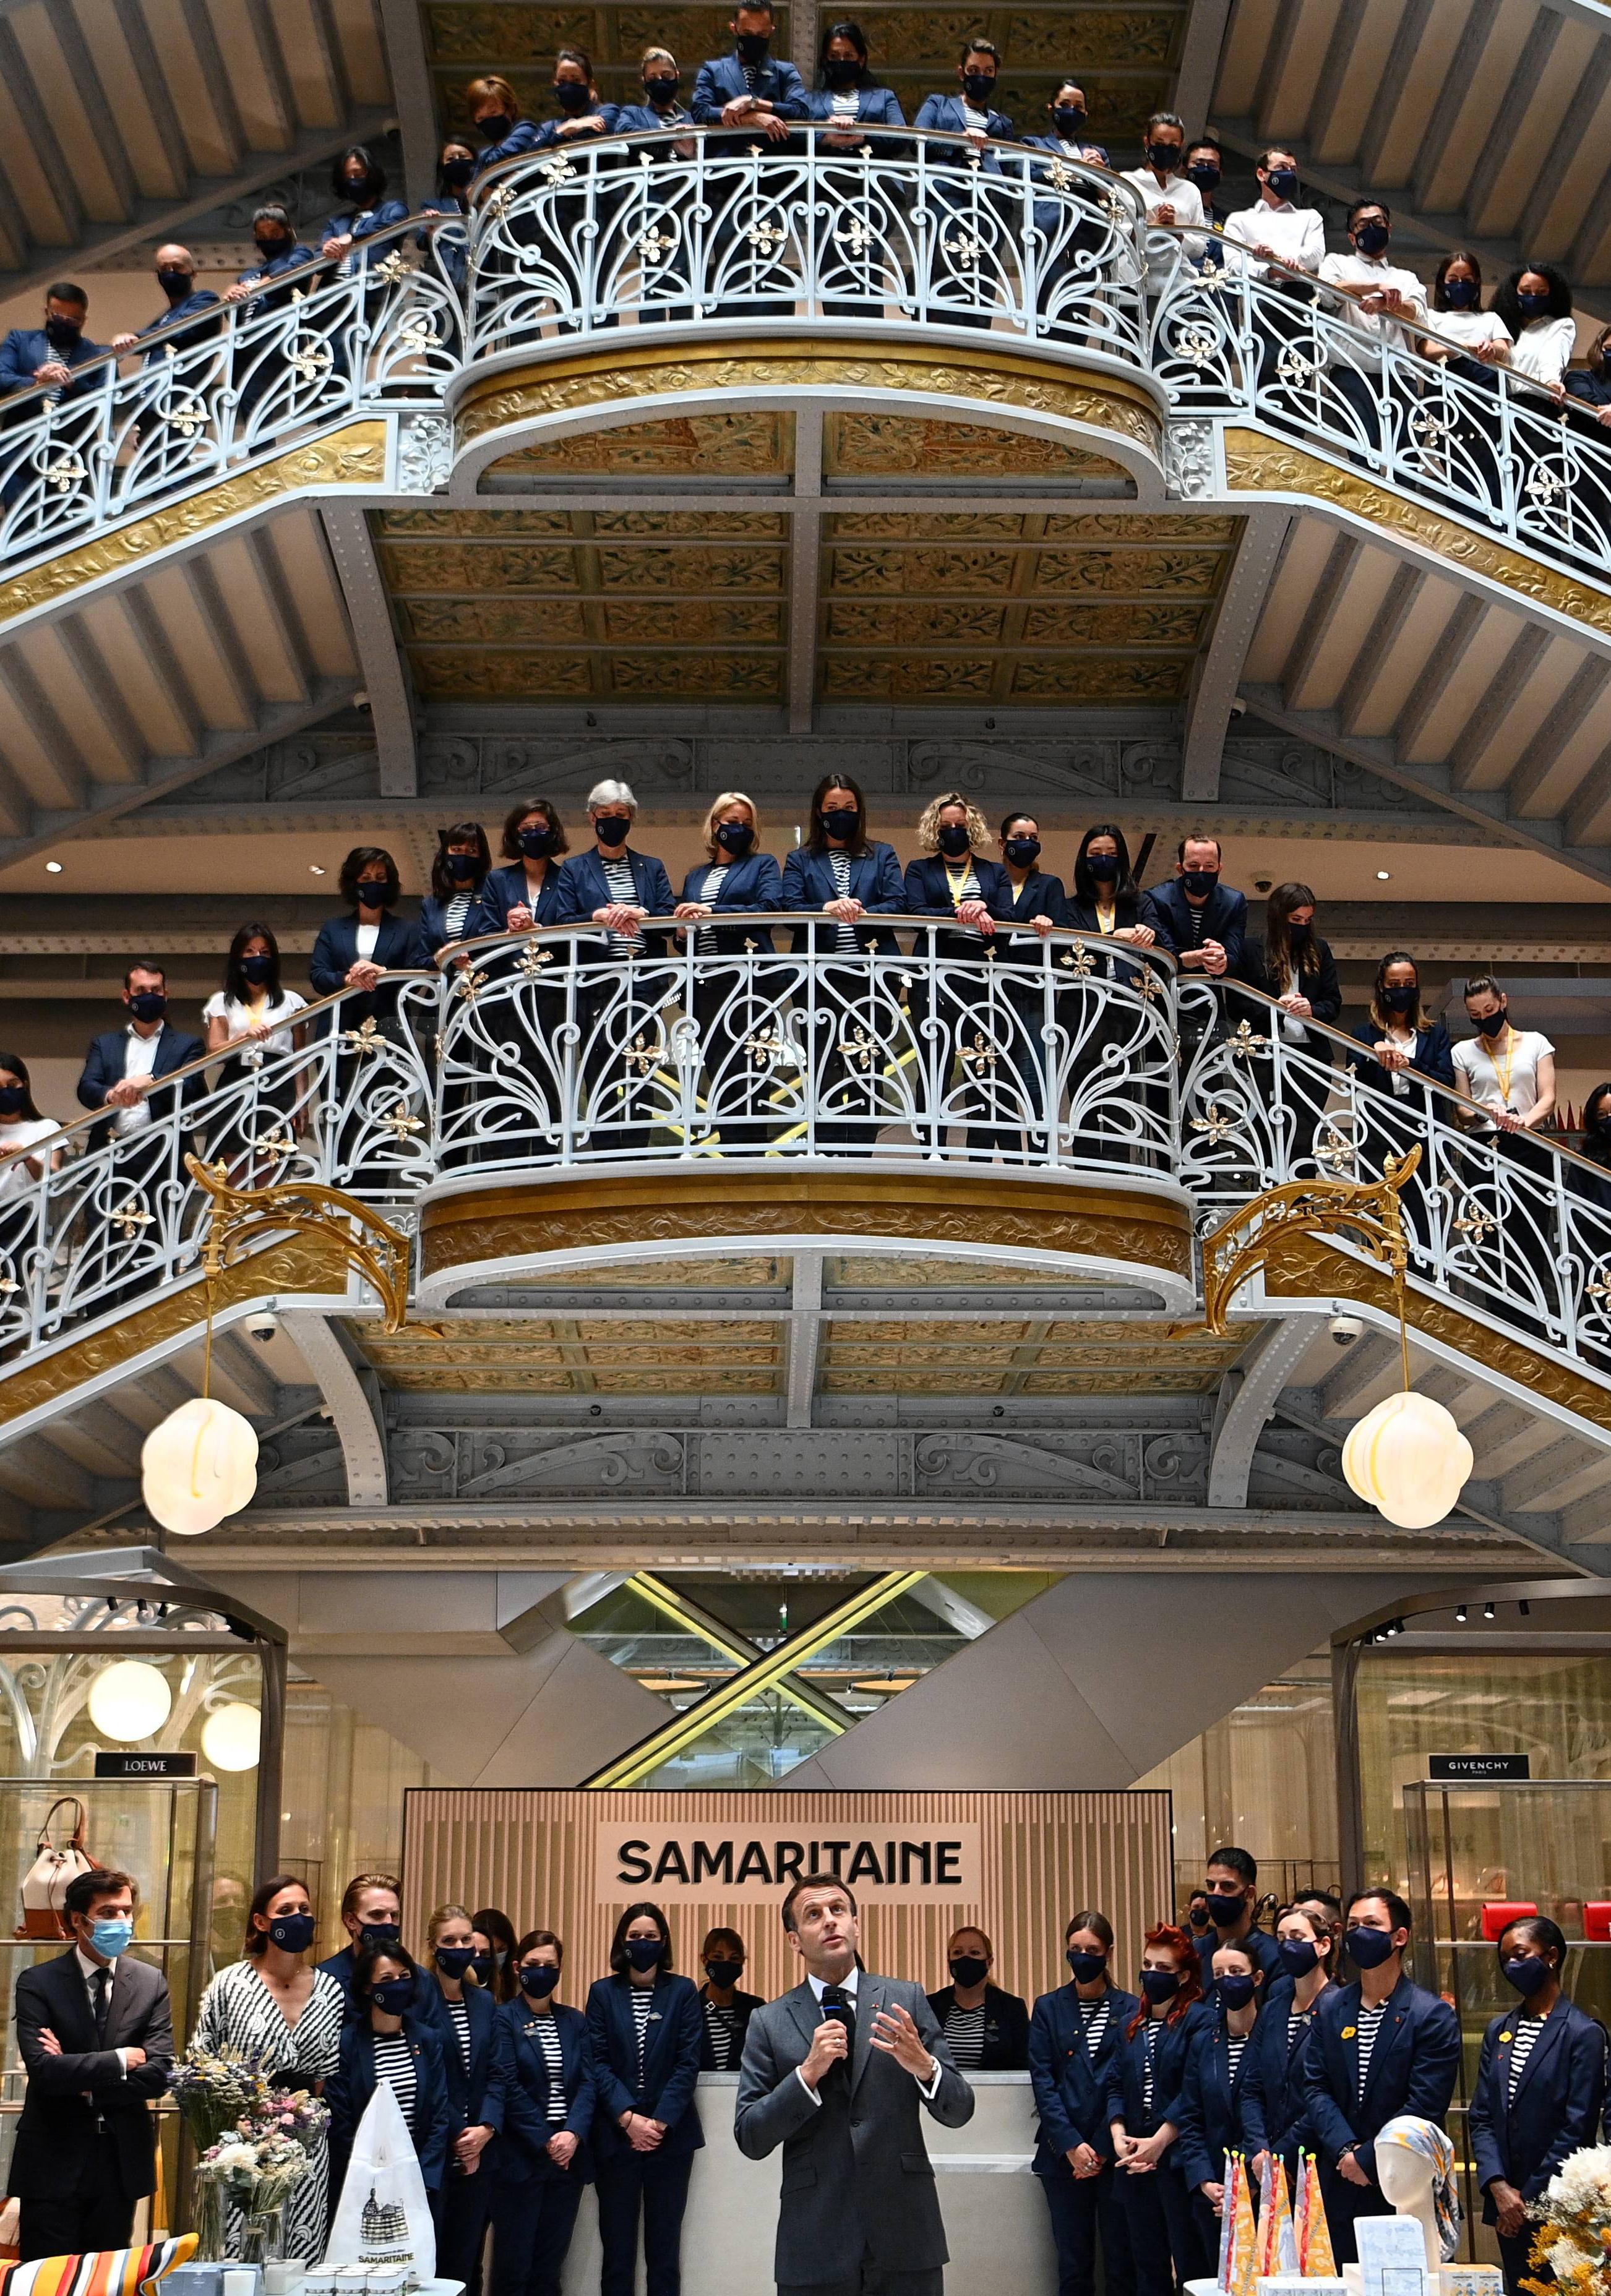 Emmanuel Macron se dirige a los empleados del centro comercial de lujo Samaritaine, en París, el pasado 21 de junio.